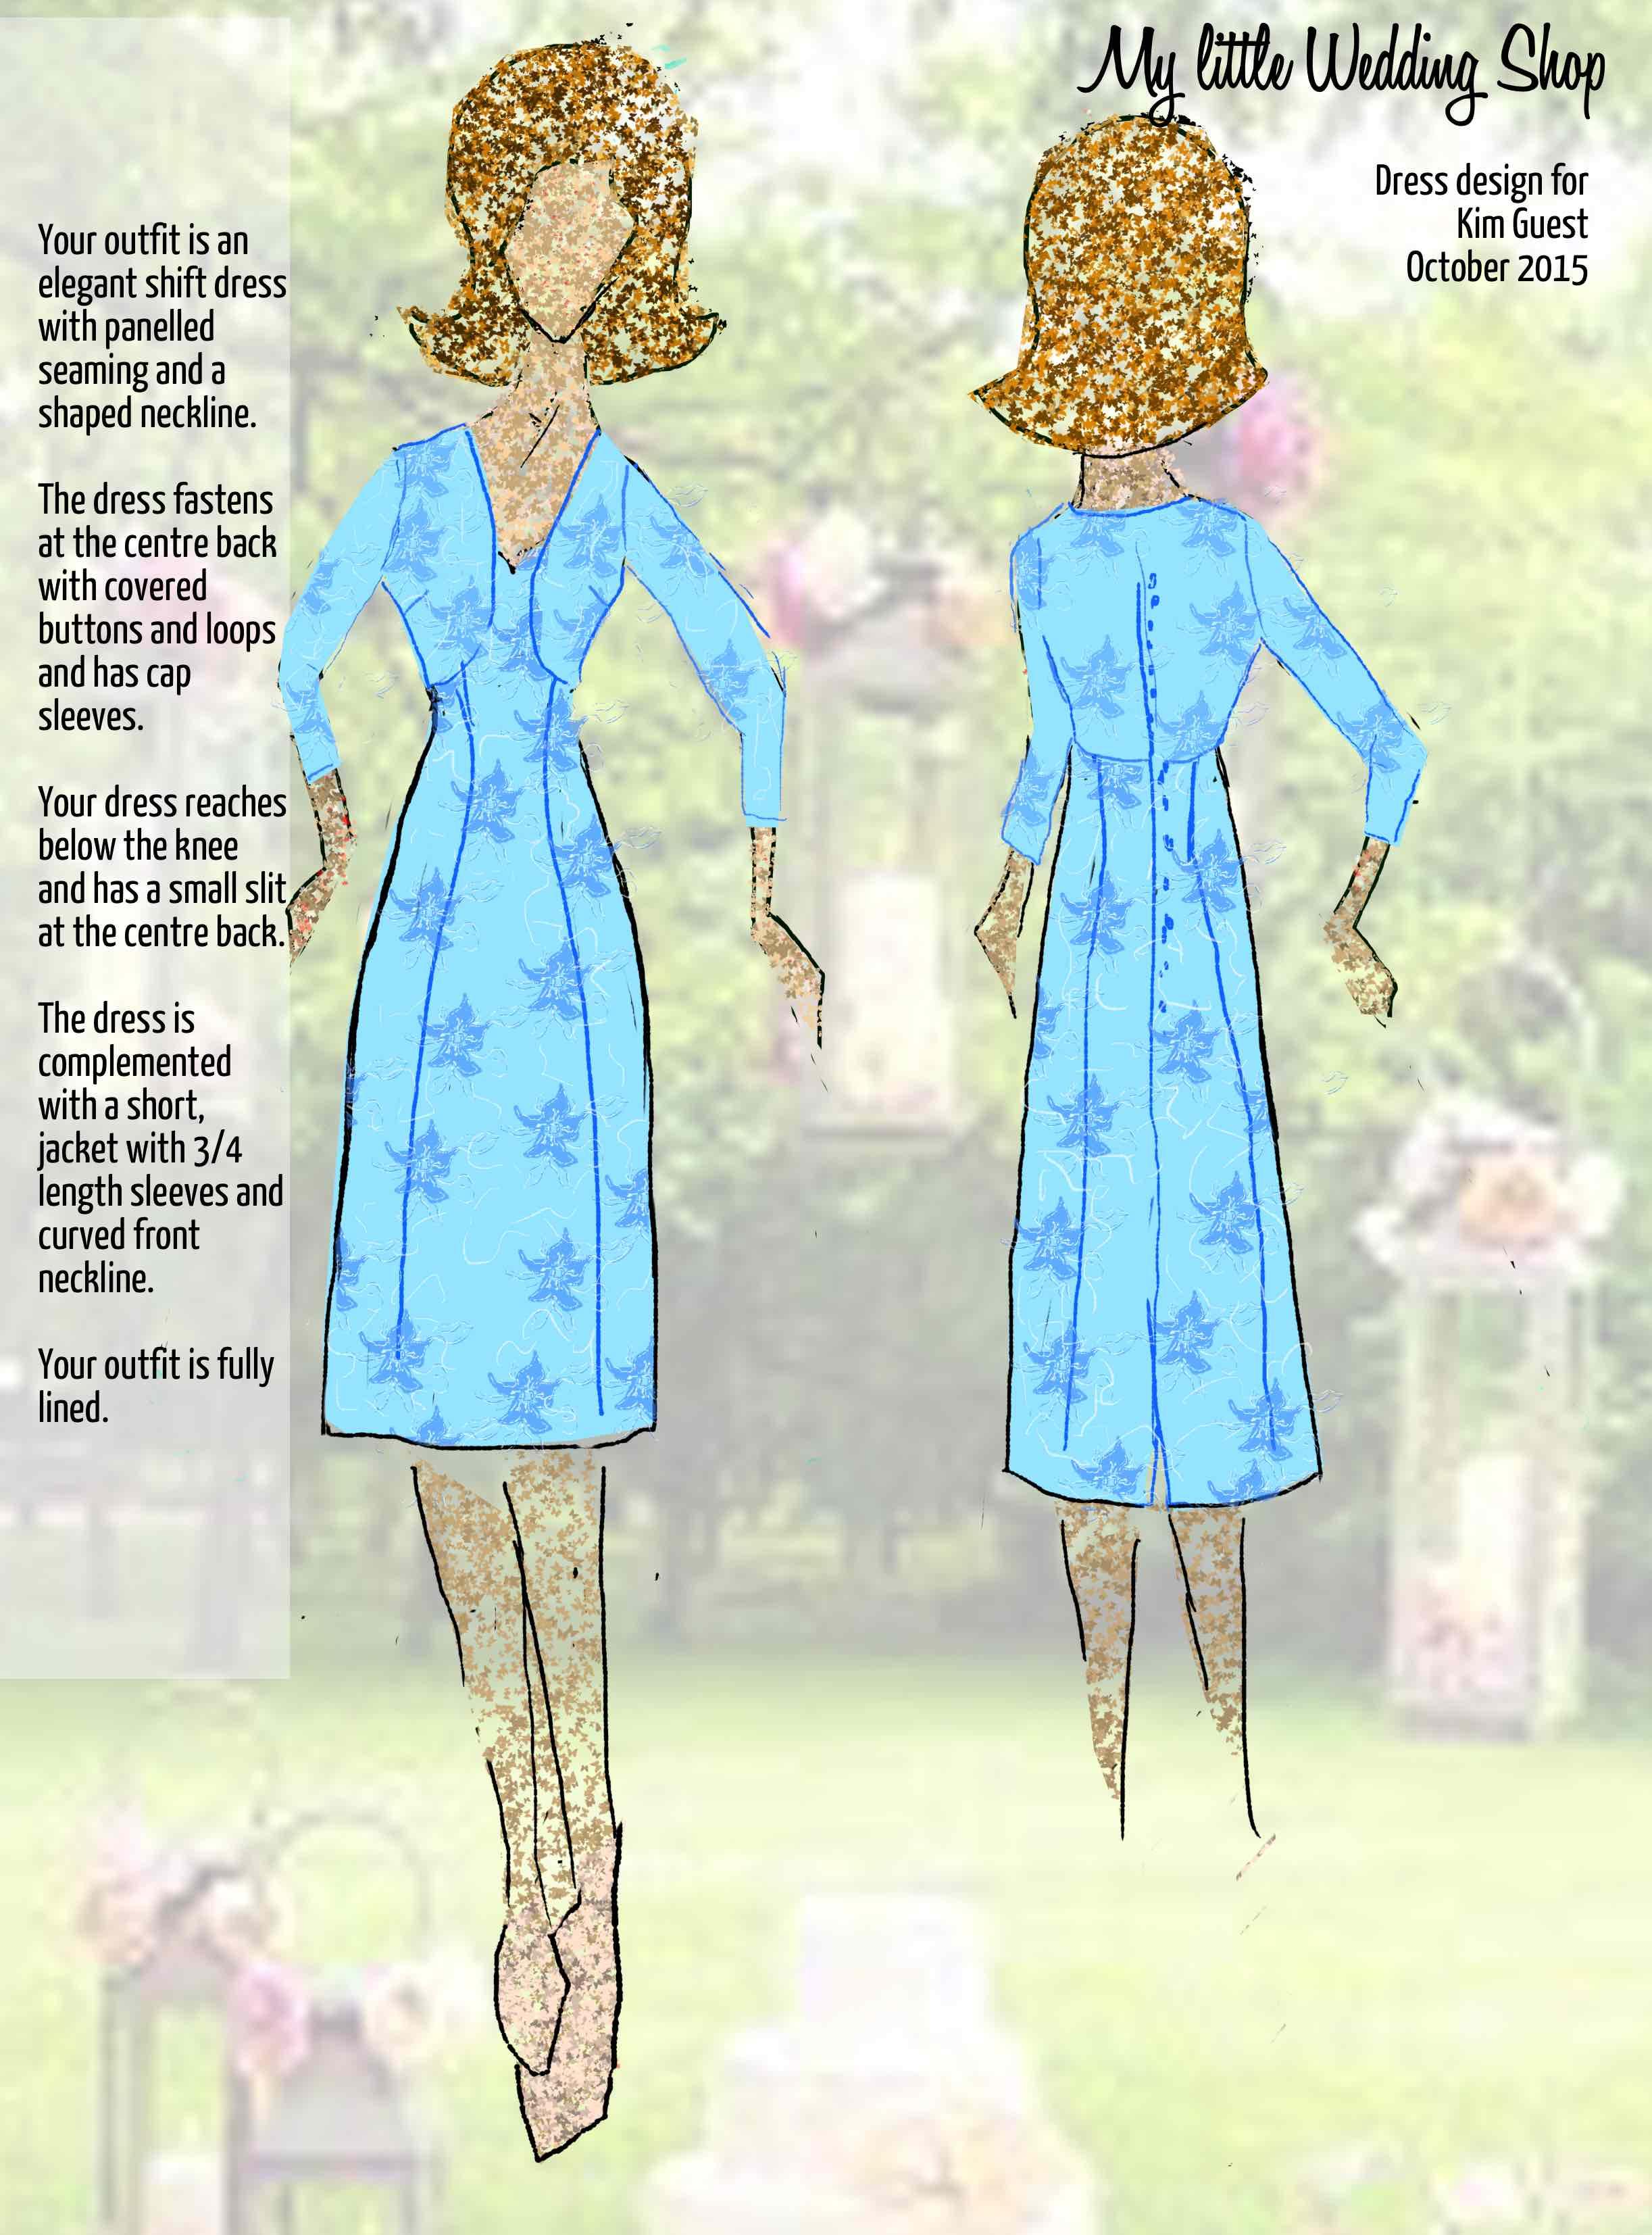 KG dress design  V1 small.jpg